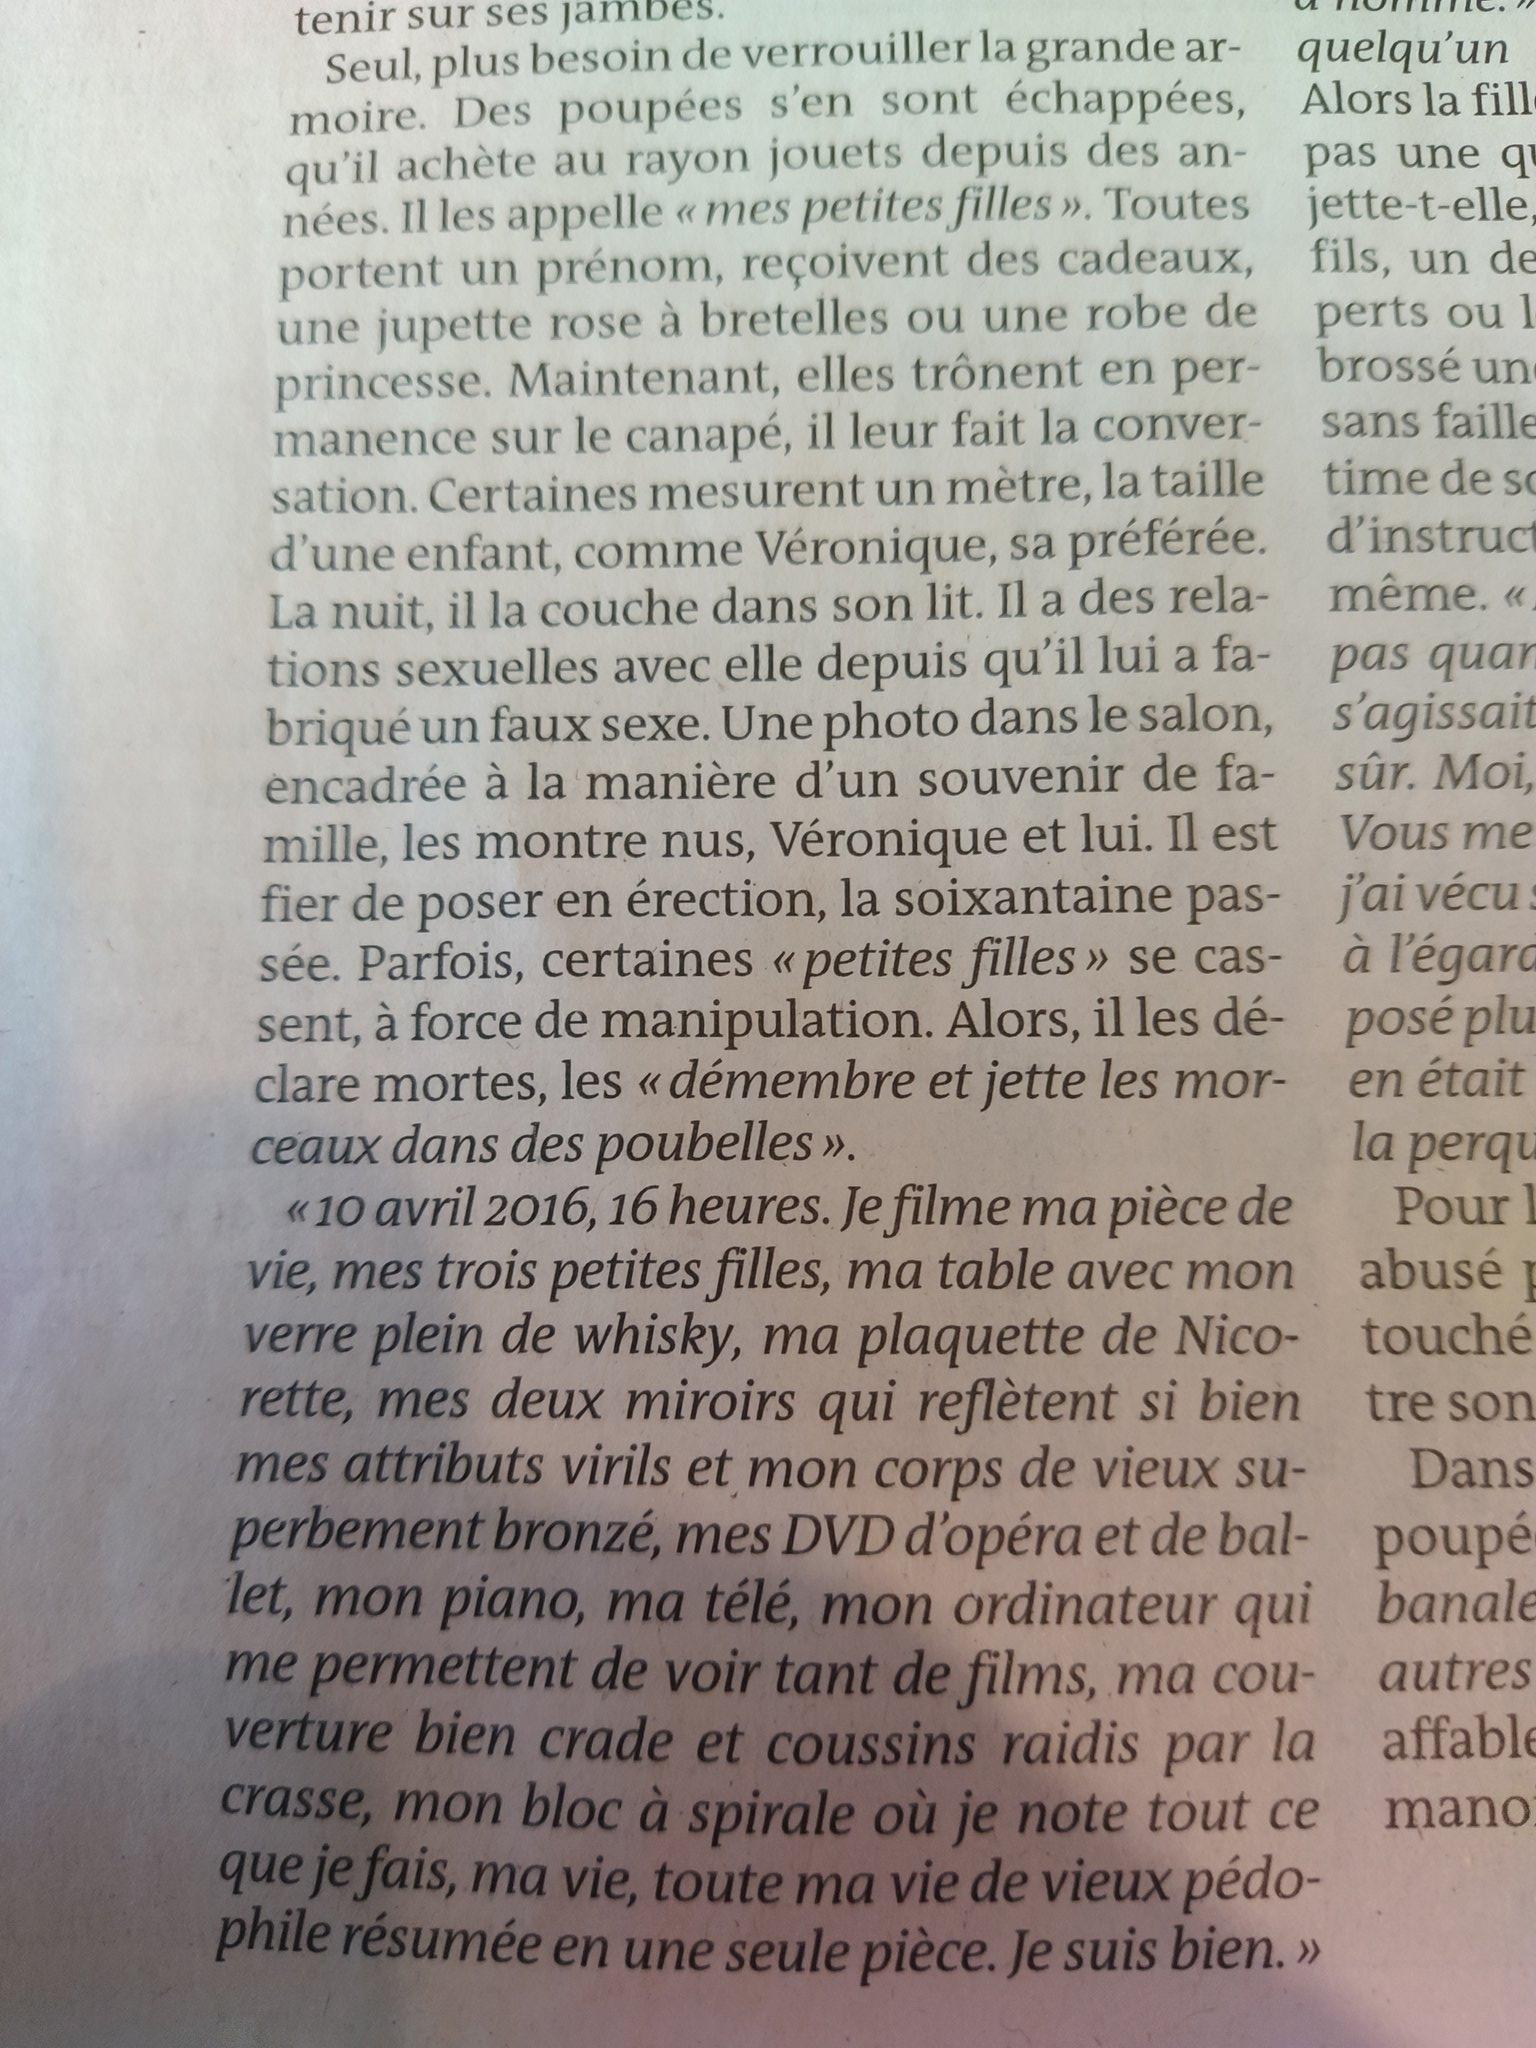 Guy Moux On Twitter Joel Le Scouarnec Le Pedophile De Jonzac Est Un Immense Malade Mental Papier Glacant Https T Co V6rch6cjel